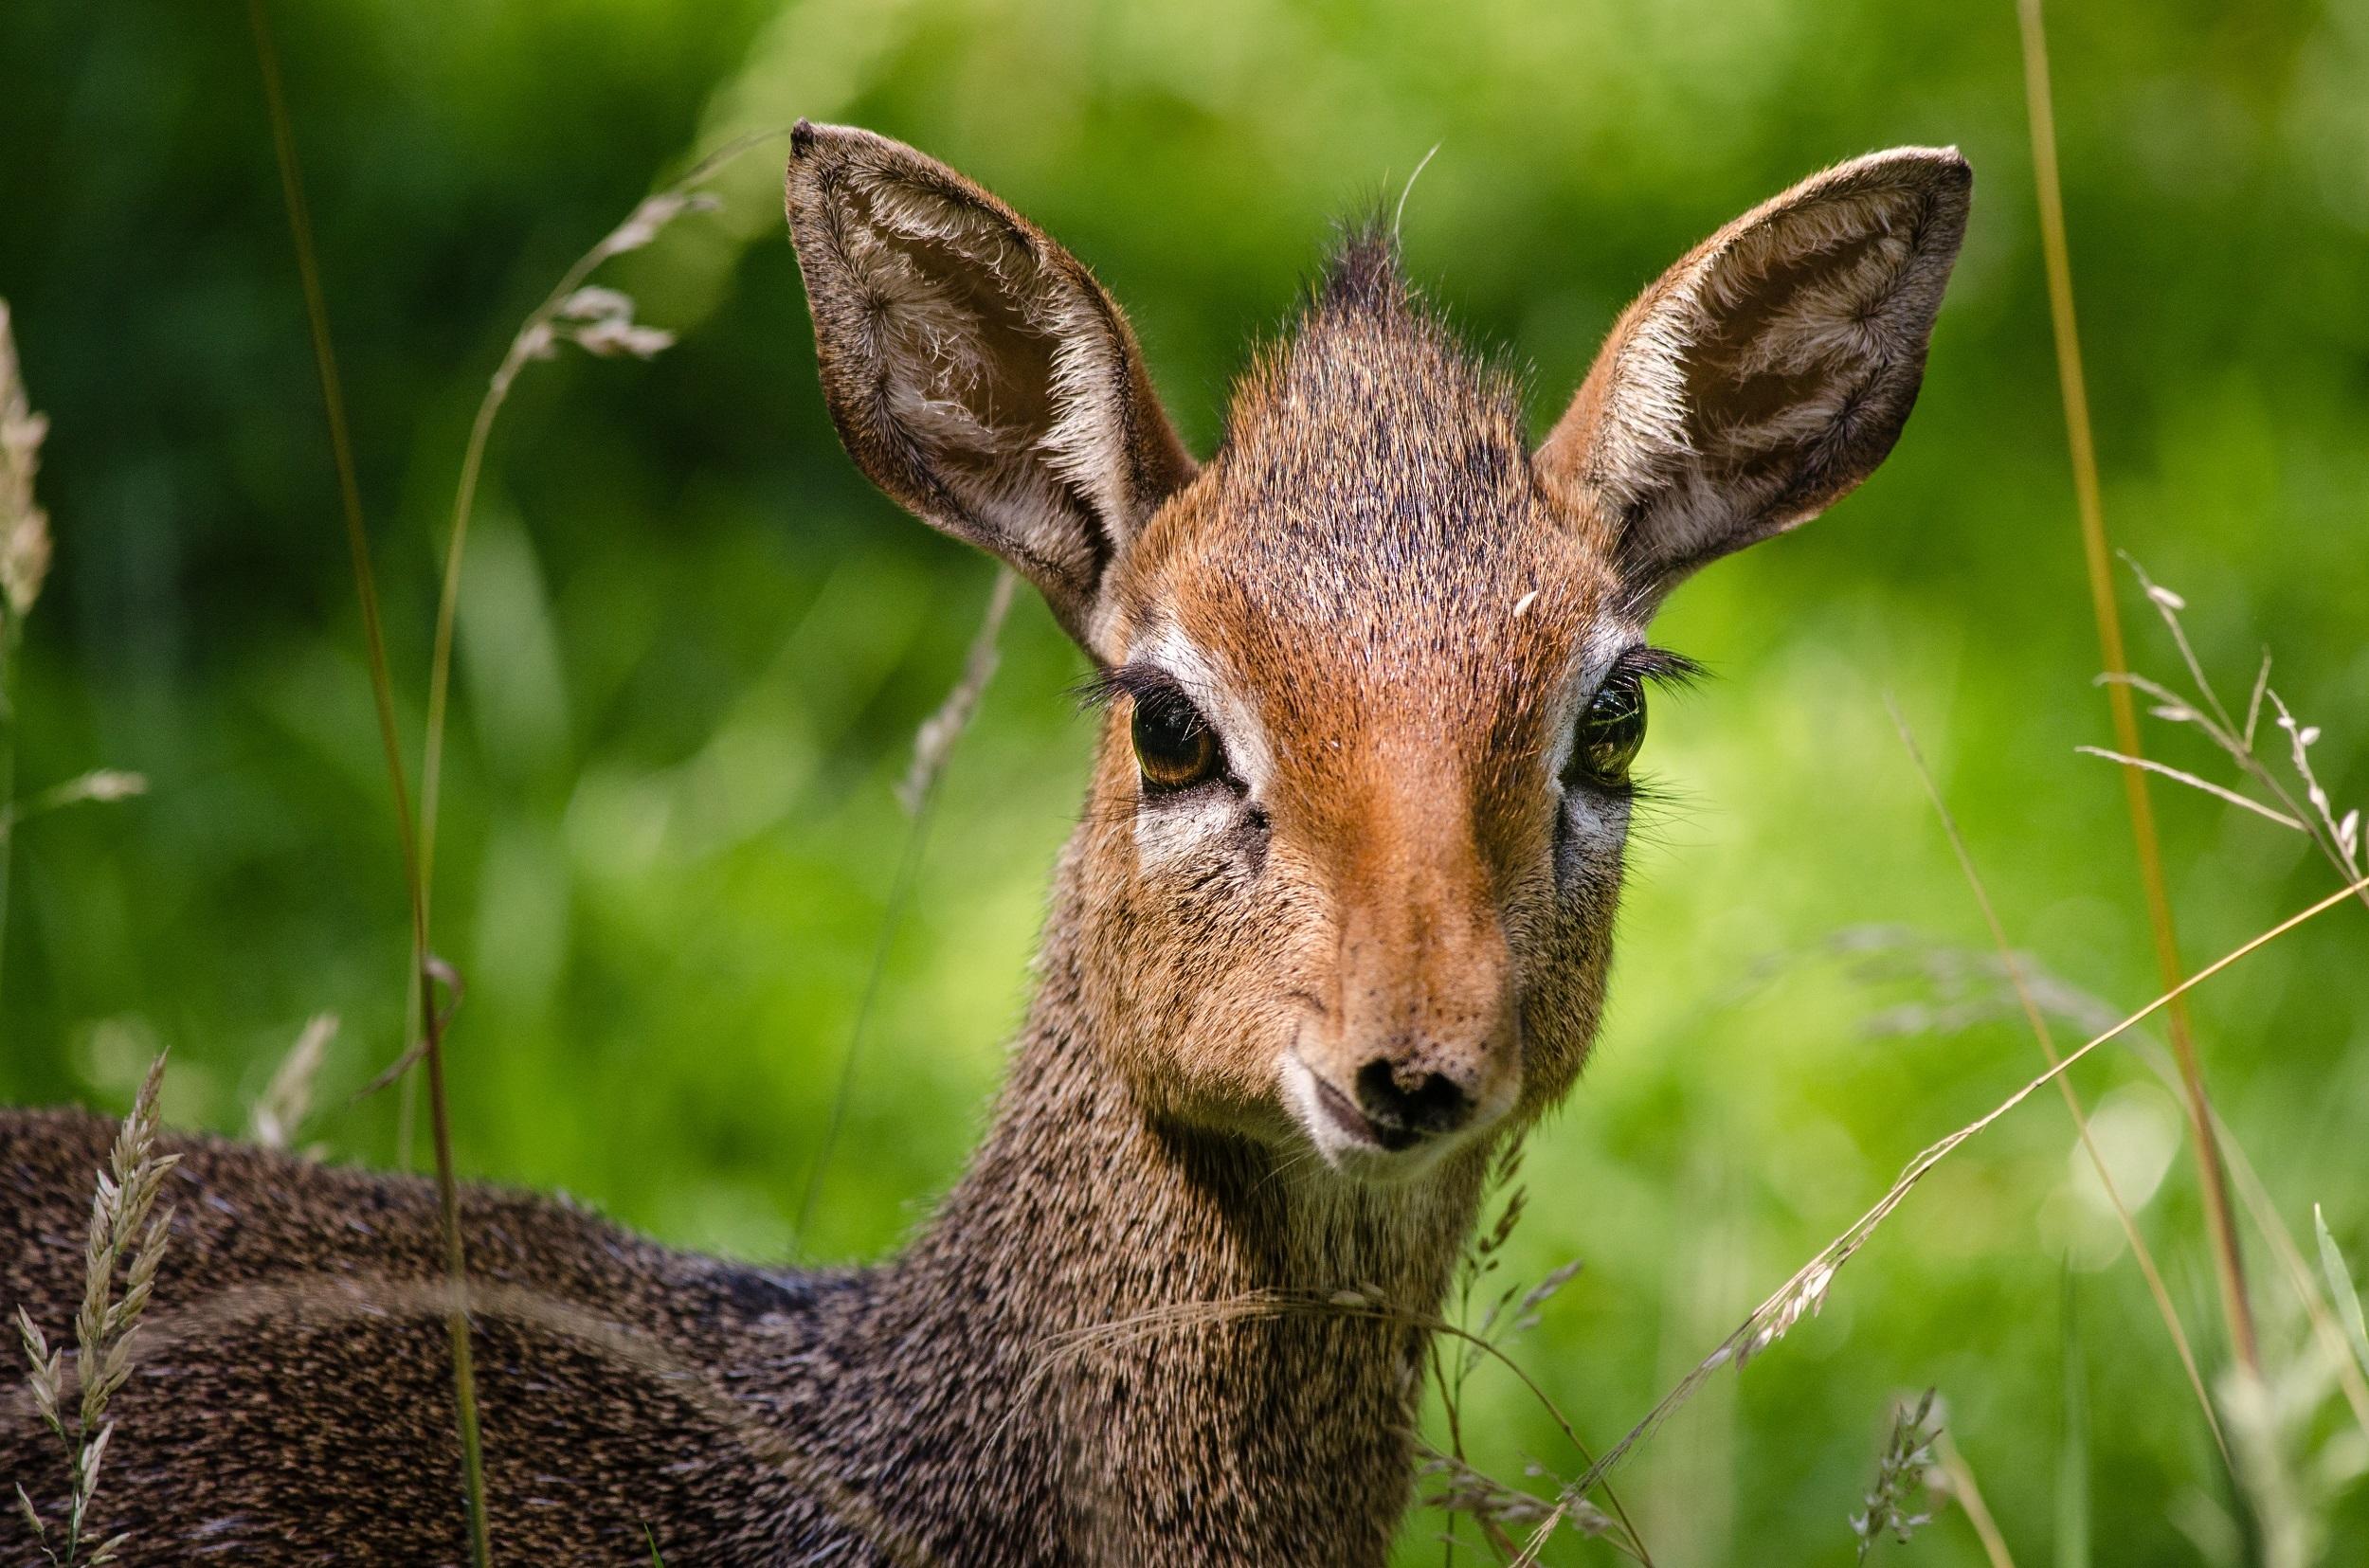 Images gratuites la nature animal en regardant - Images d animaux sauvages gratuites ...